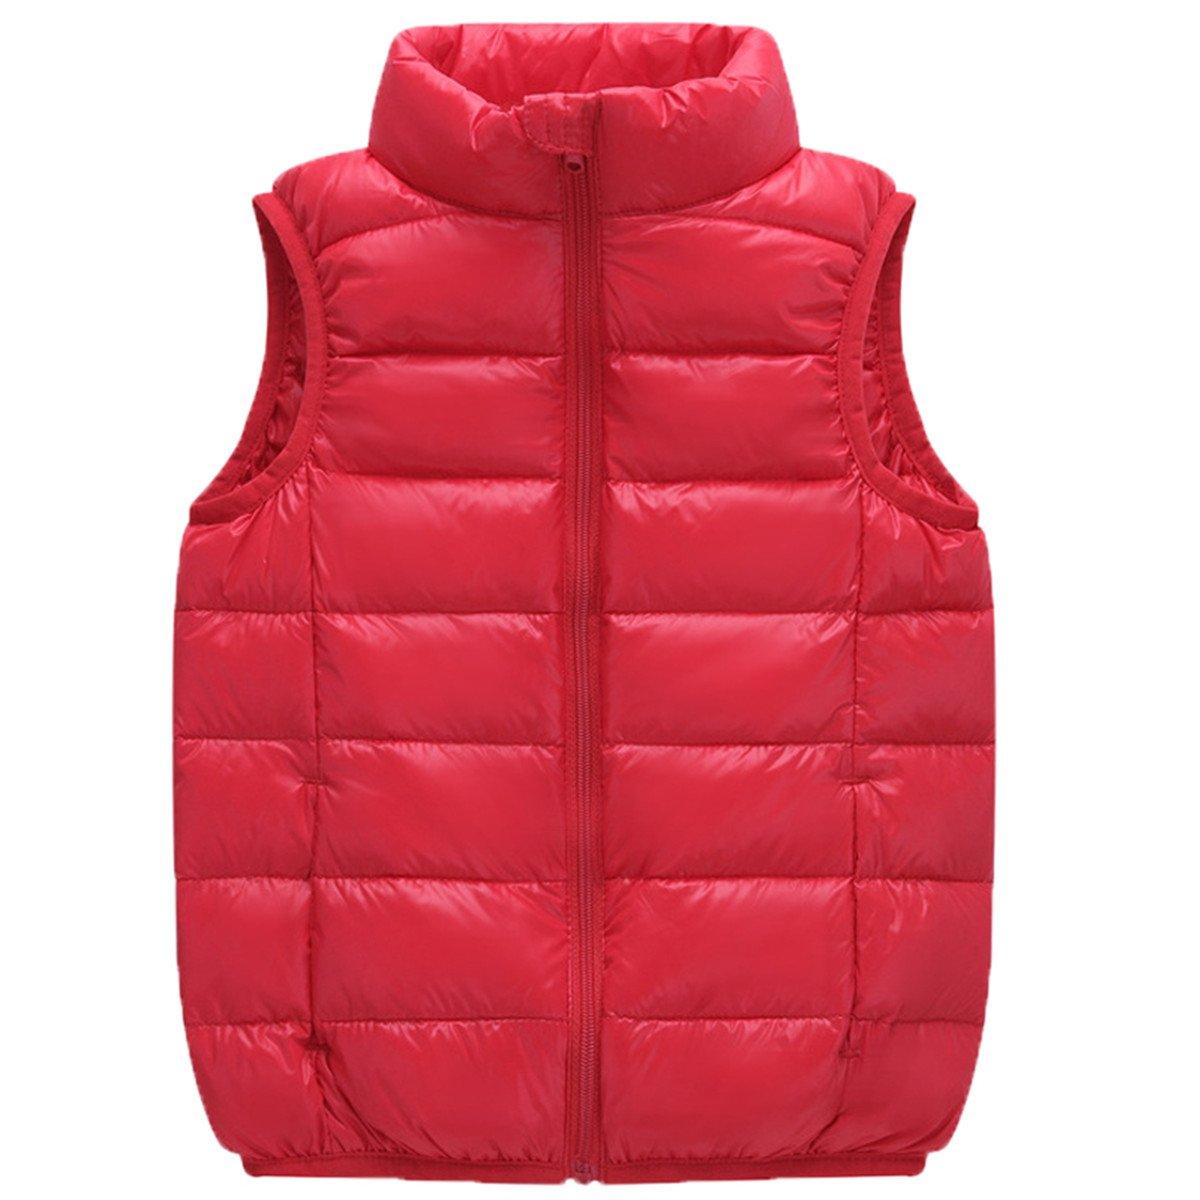 JELEUON Kids Baby Girls Boys Sleeveless High Neck Lightweight Down Puffer Vest Jacket